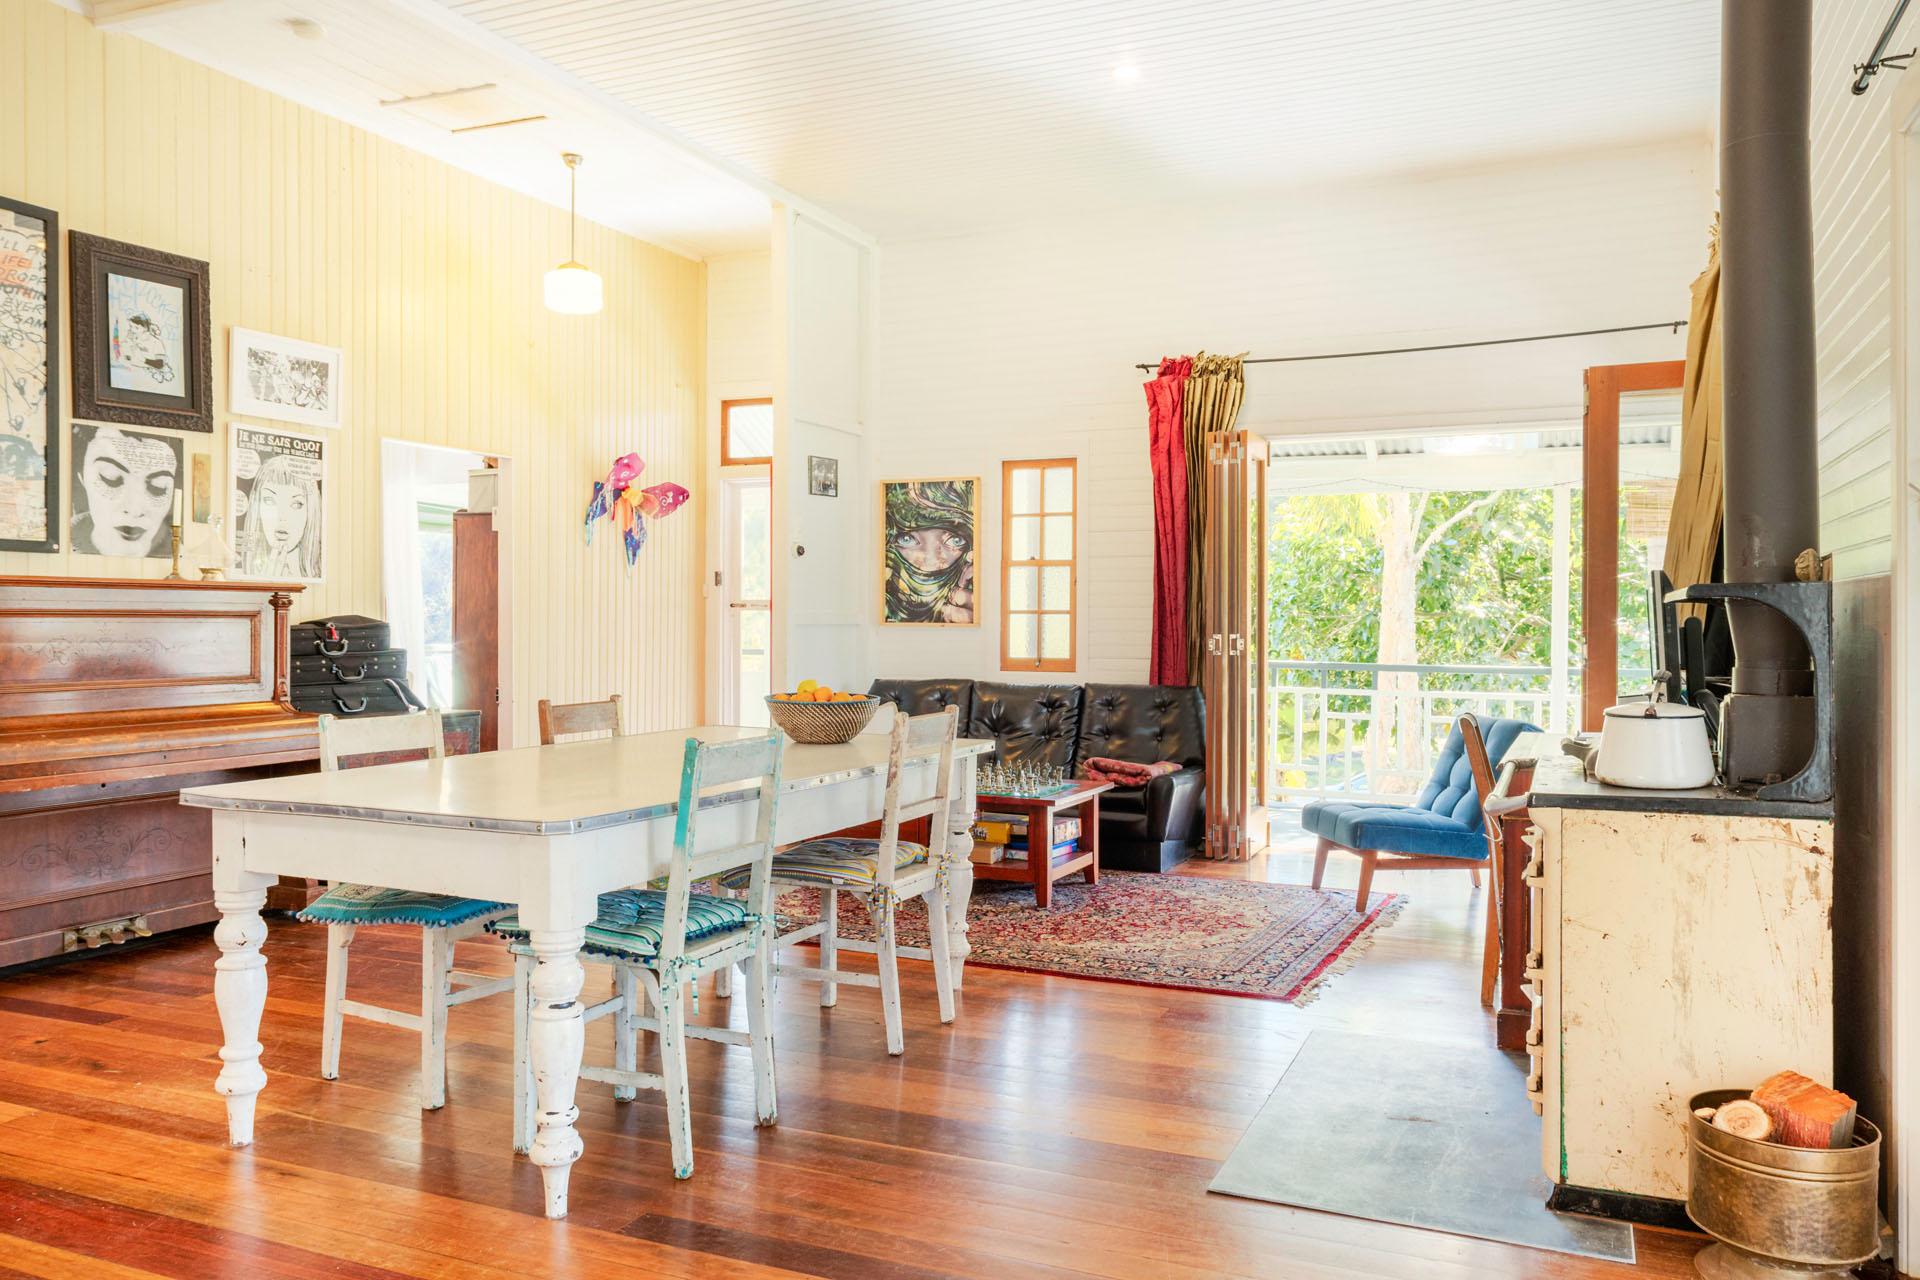 Maclean Real Estate - 5 Park Street, Ilarwill